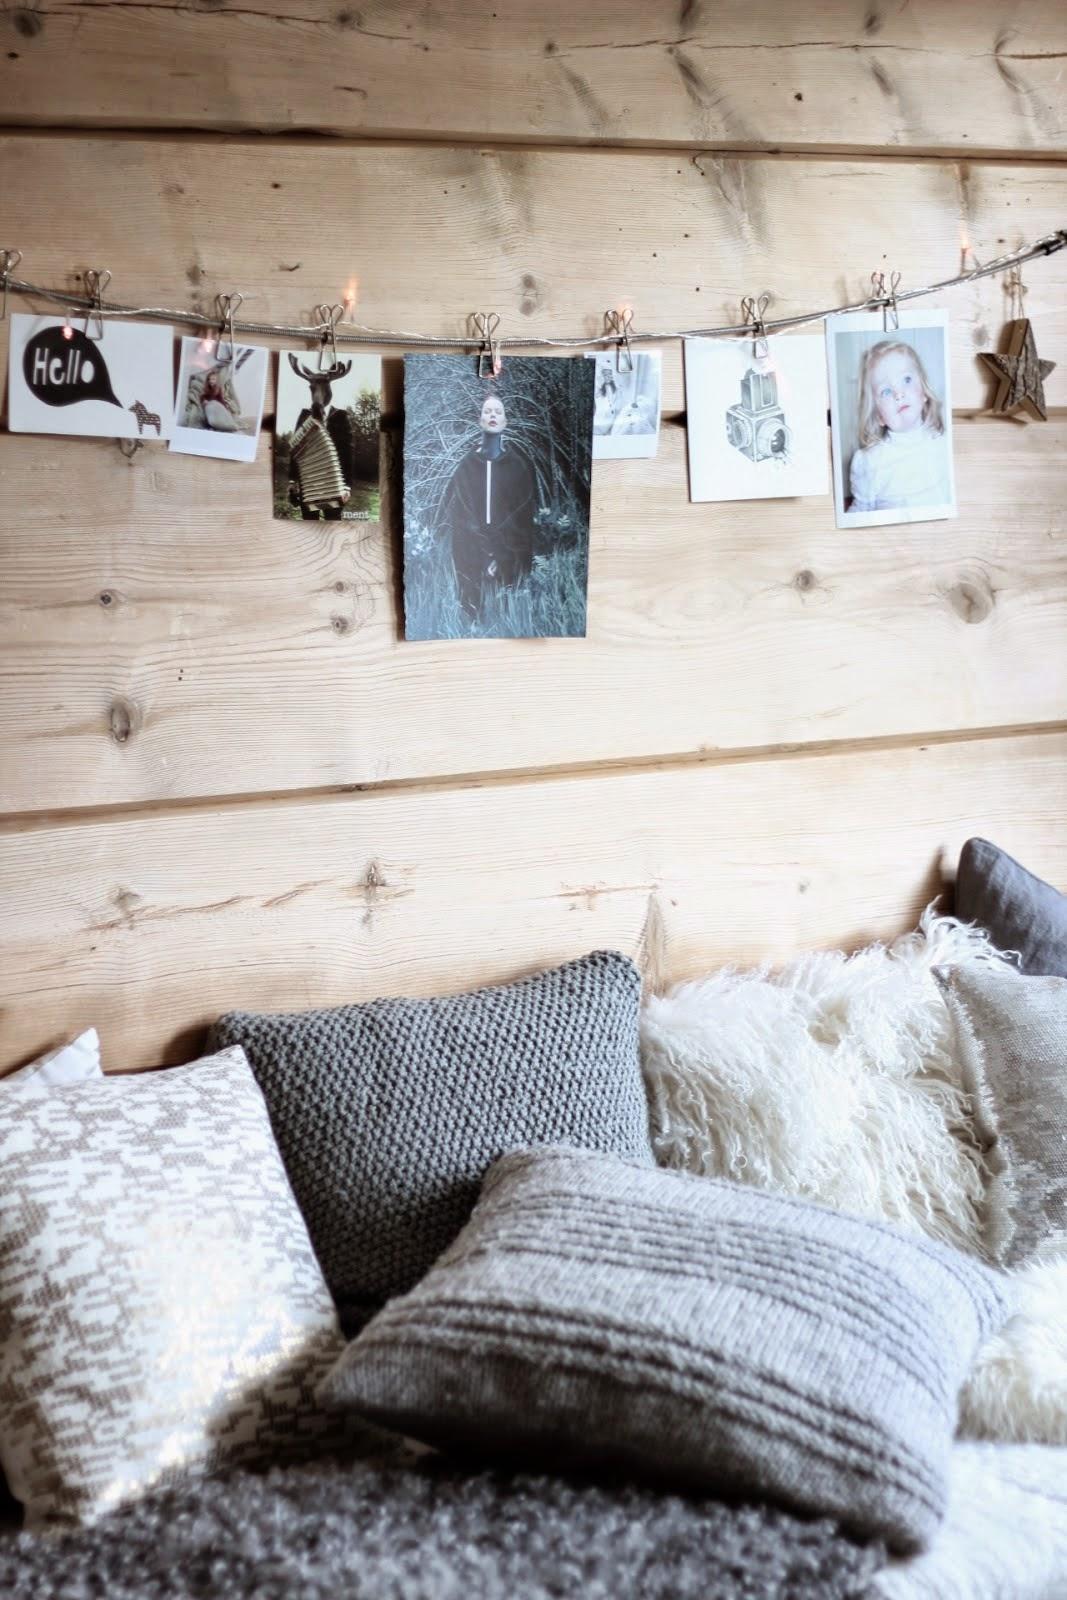 semaine 41 sur les blogs d co. Black Bedroom Furniture Sets. Home Design Ideas